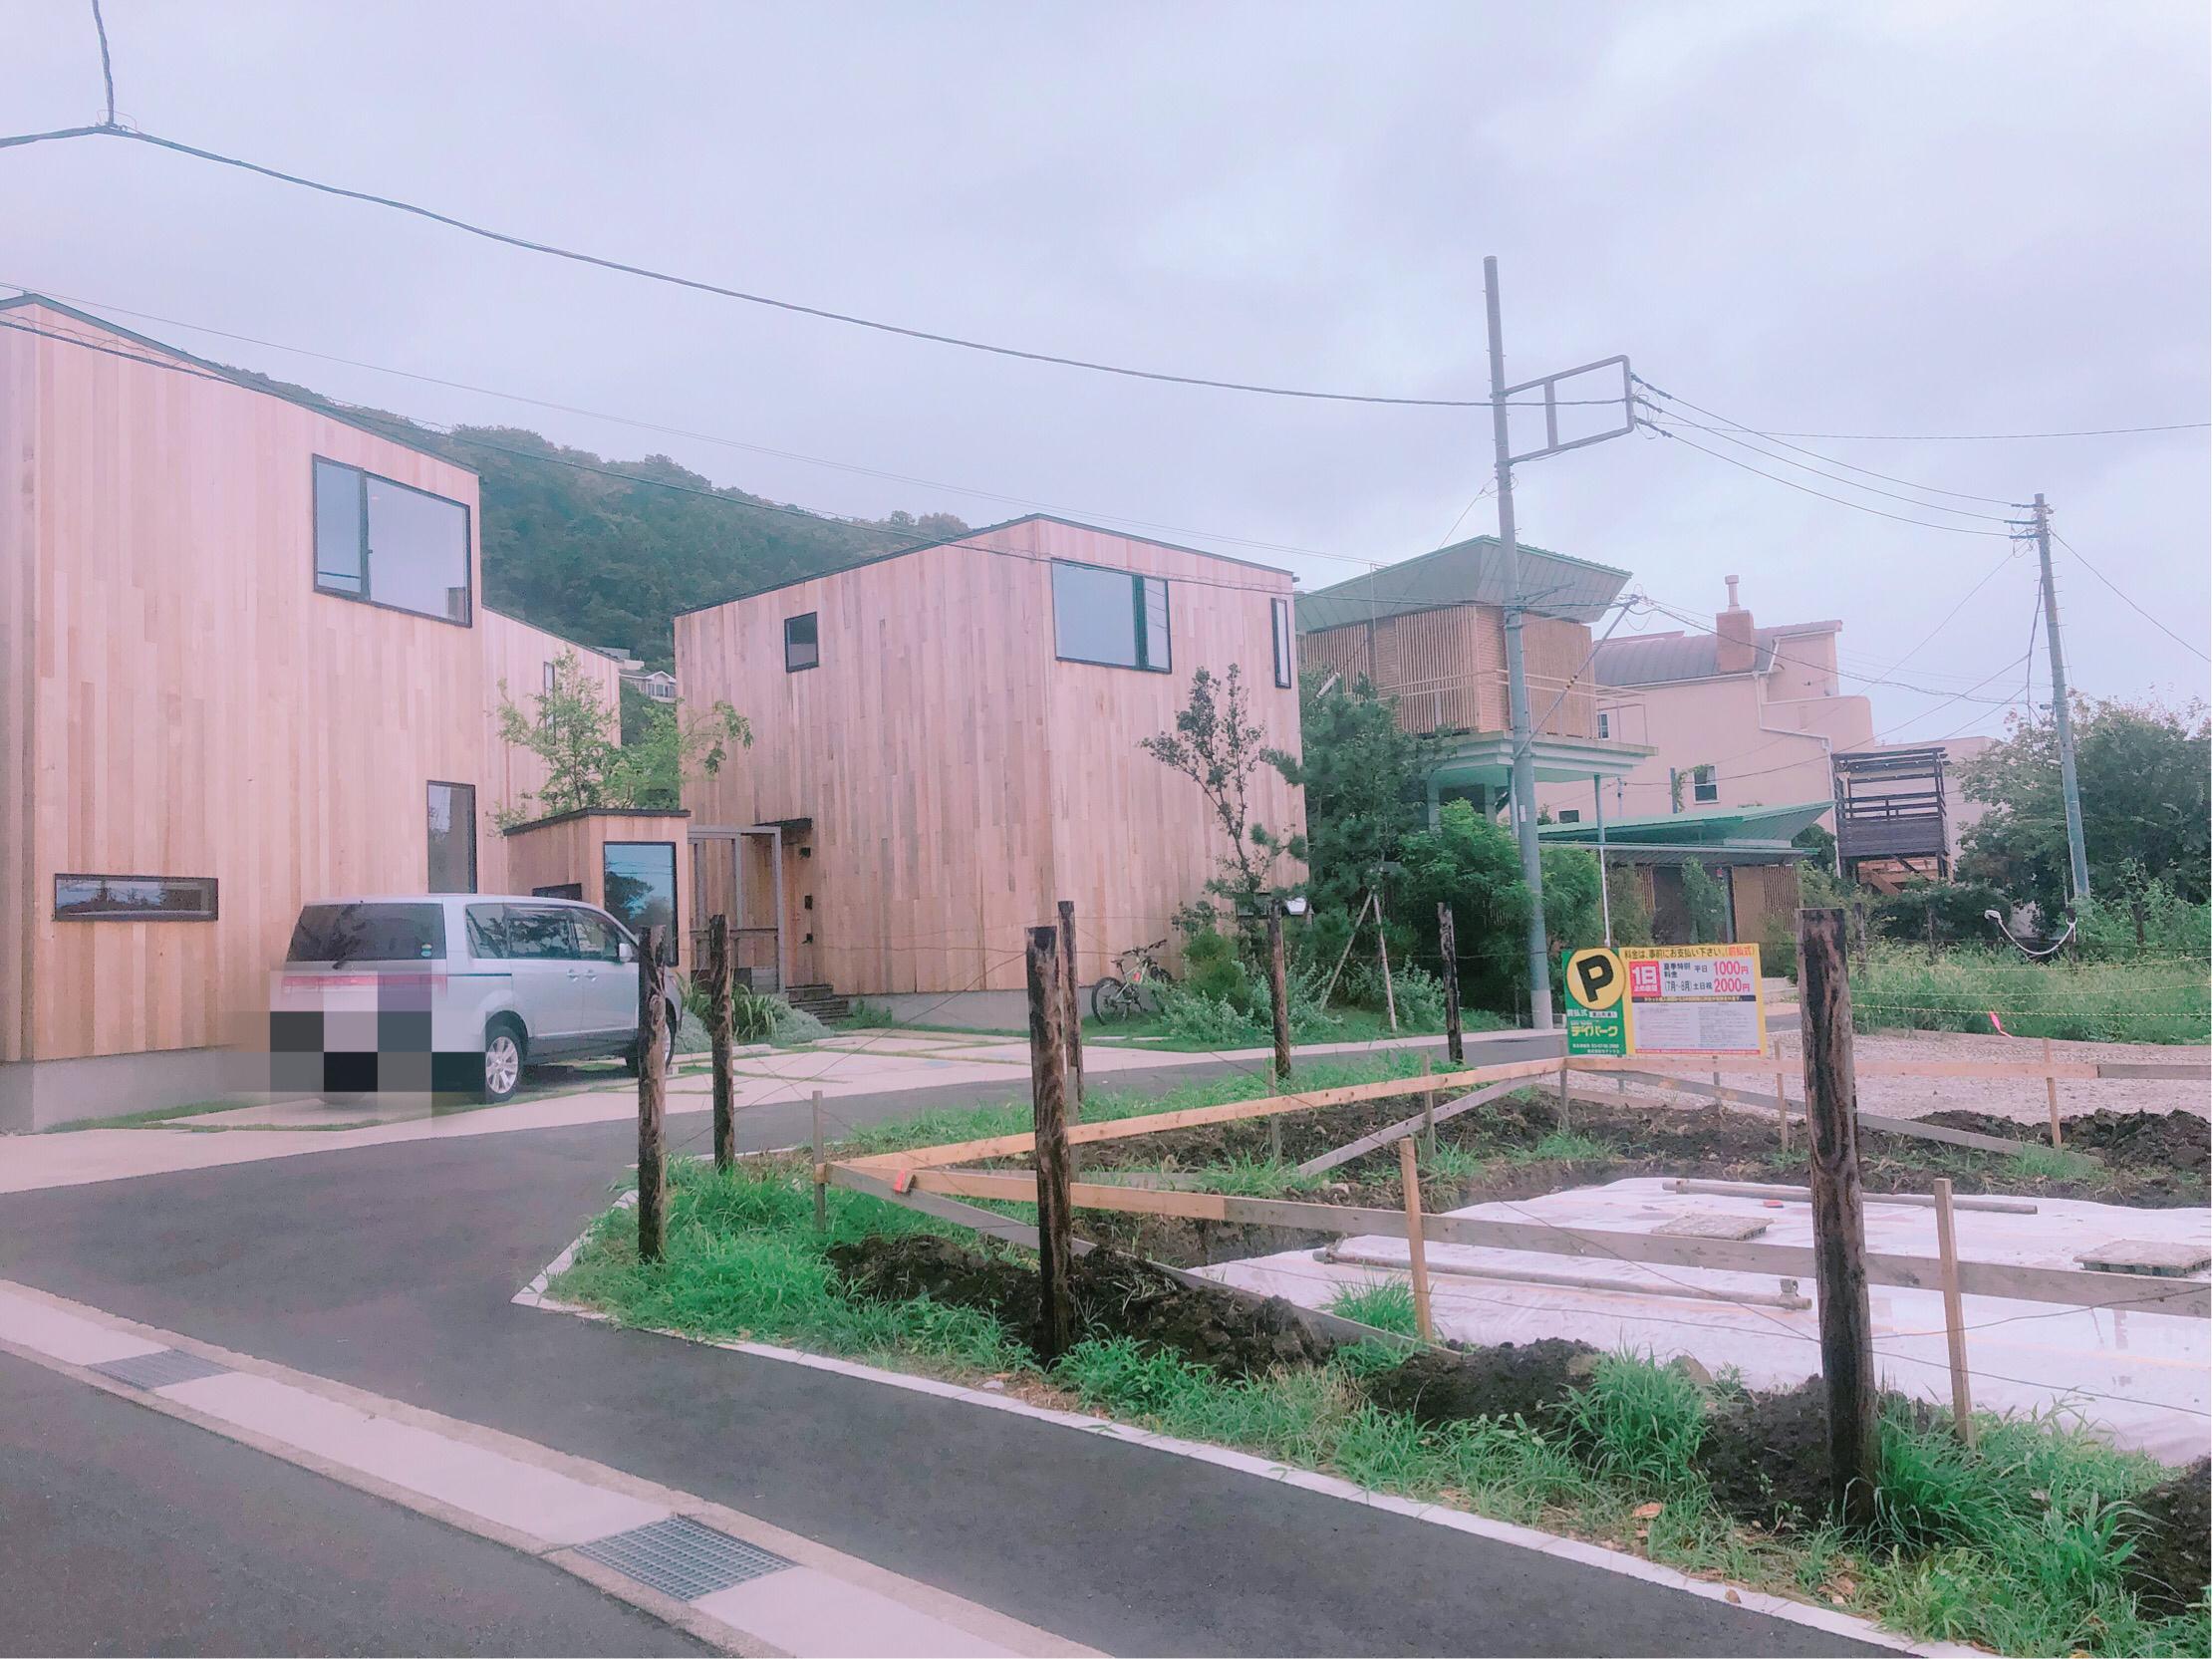 The Canvas Hayama Parkの外観です。閑静な住宅街の中にある、3棟建てのヴィラ。